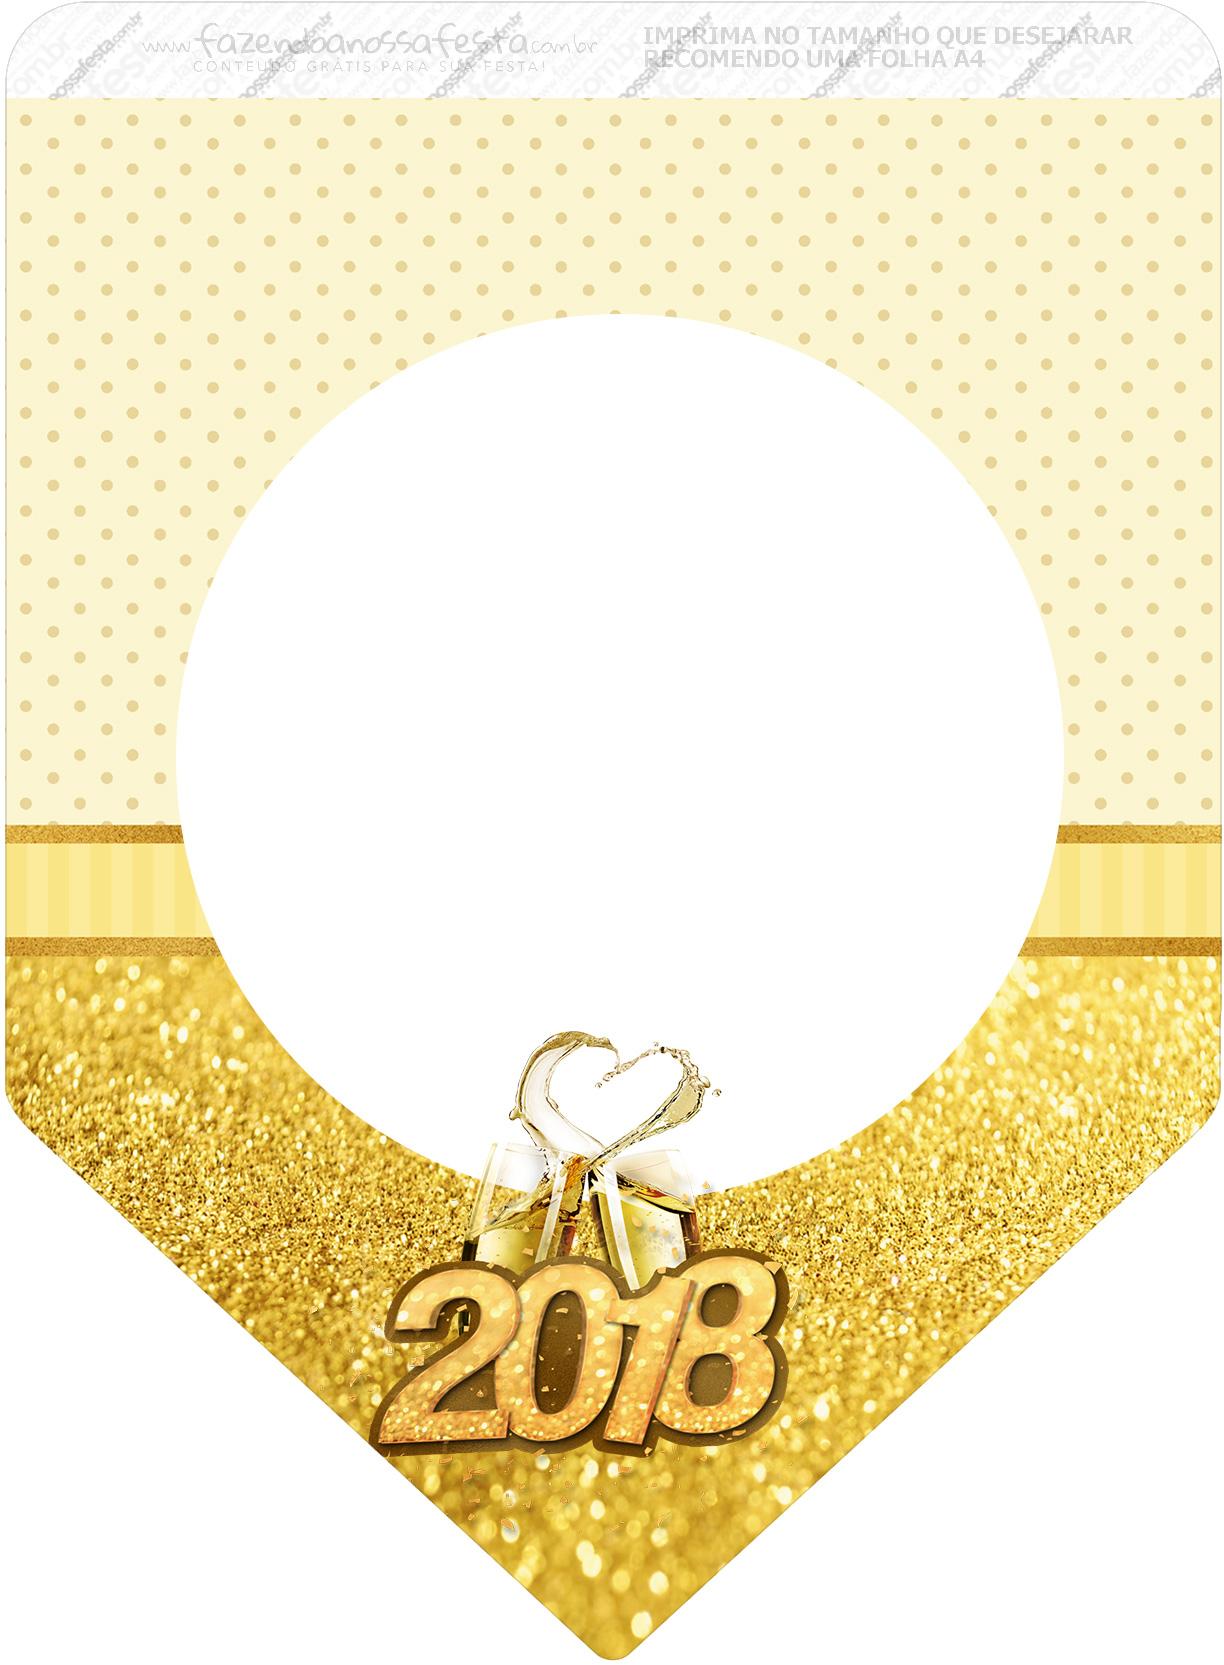 Bandeirinha Varalzinho 3 Ano Novo 2018